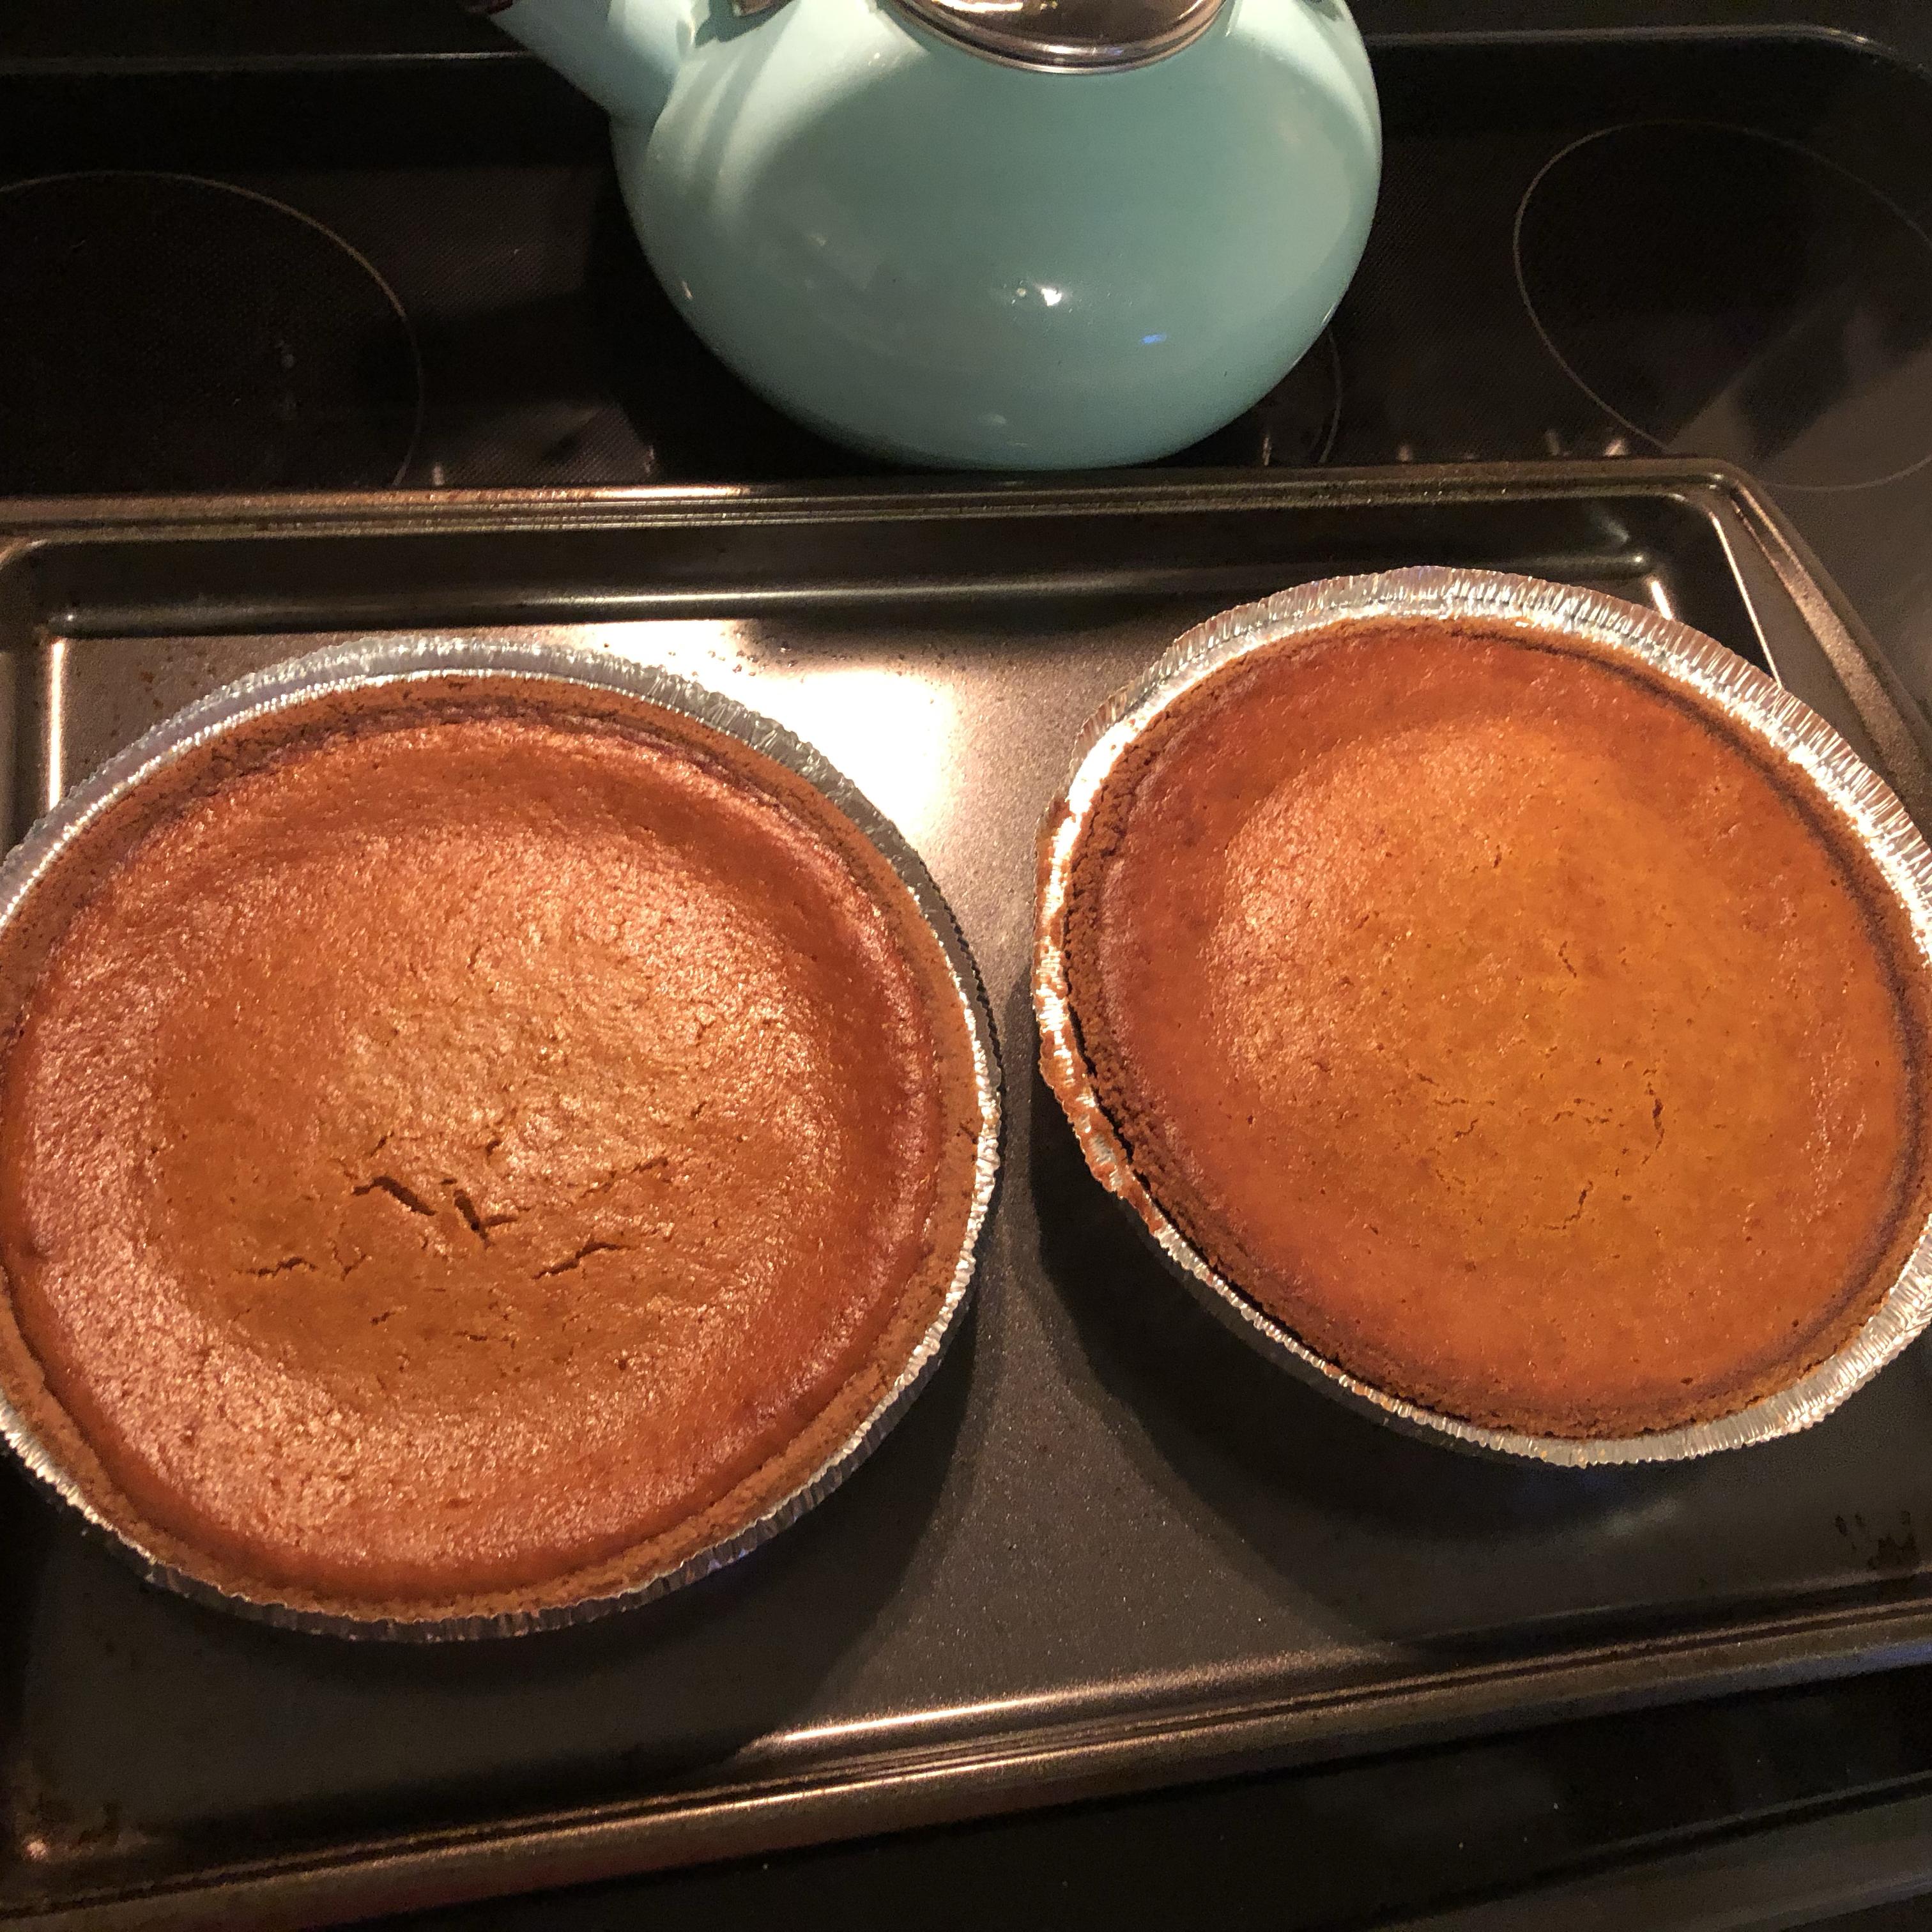 Cindy's Pumpkin Pie Khovergirl488